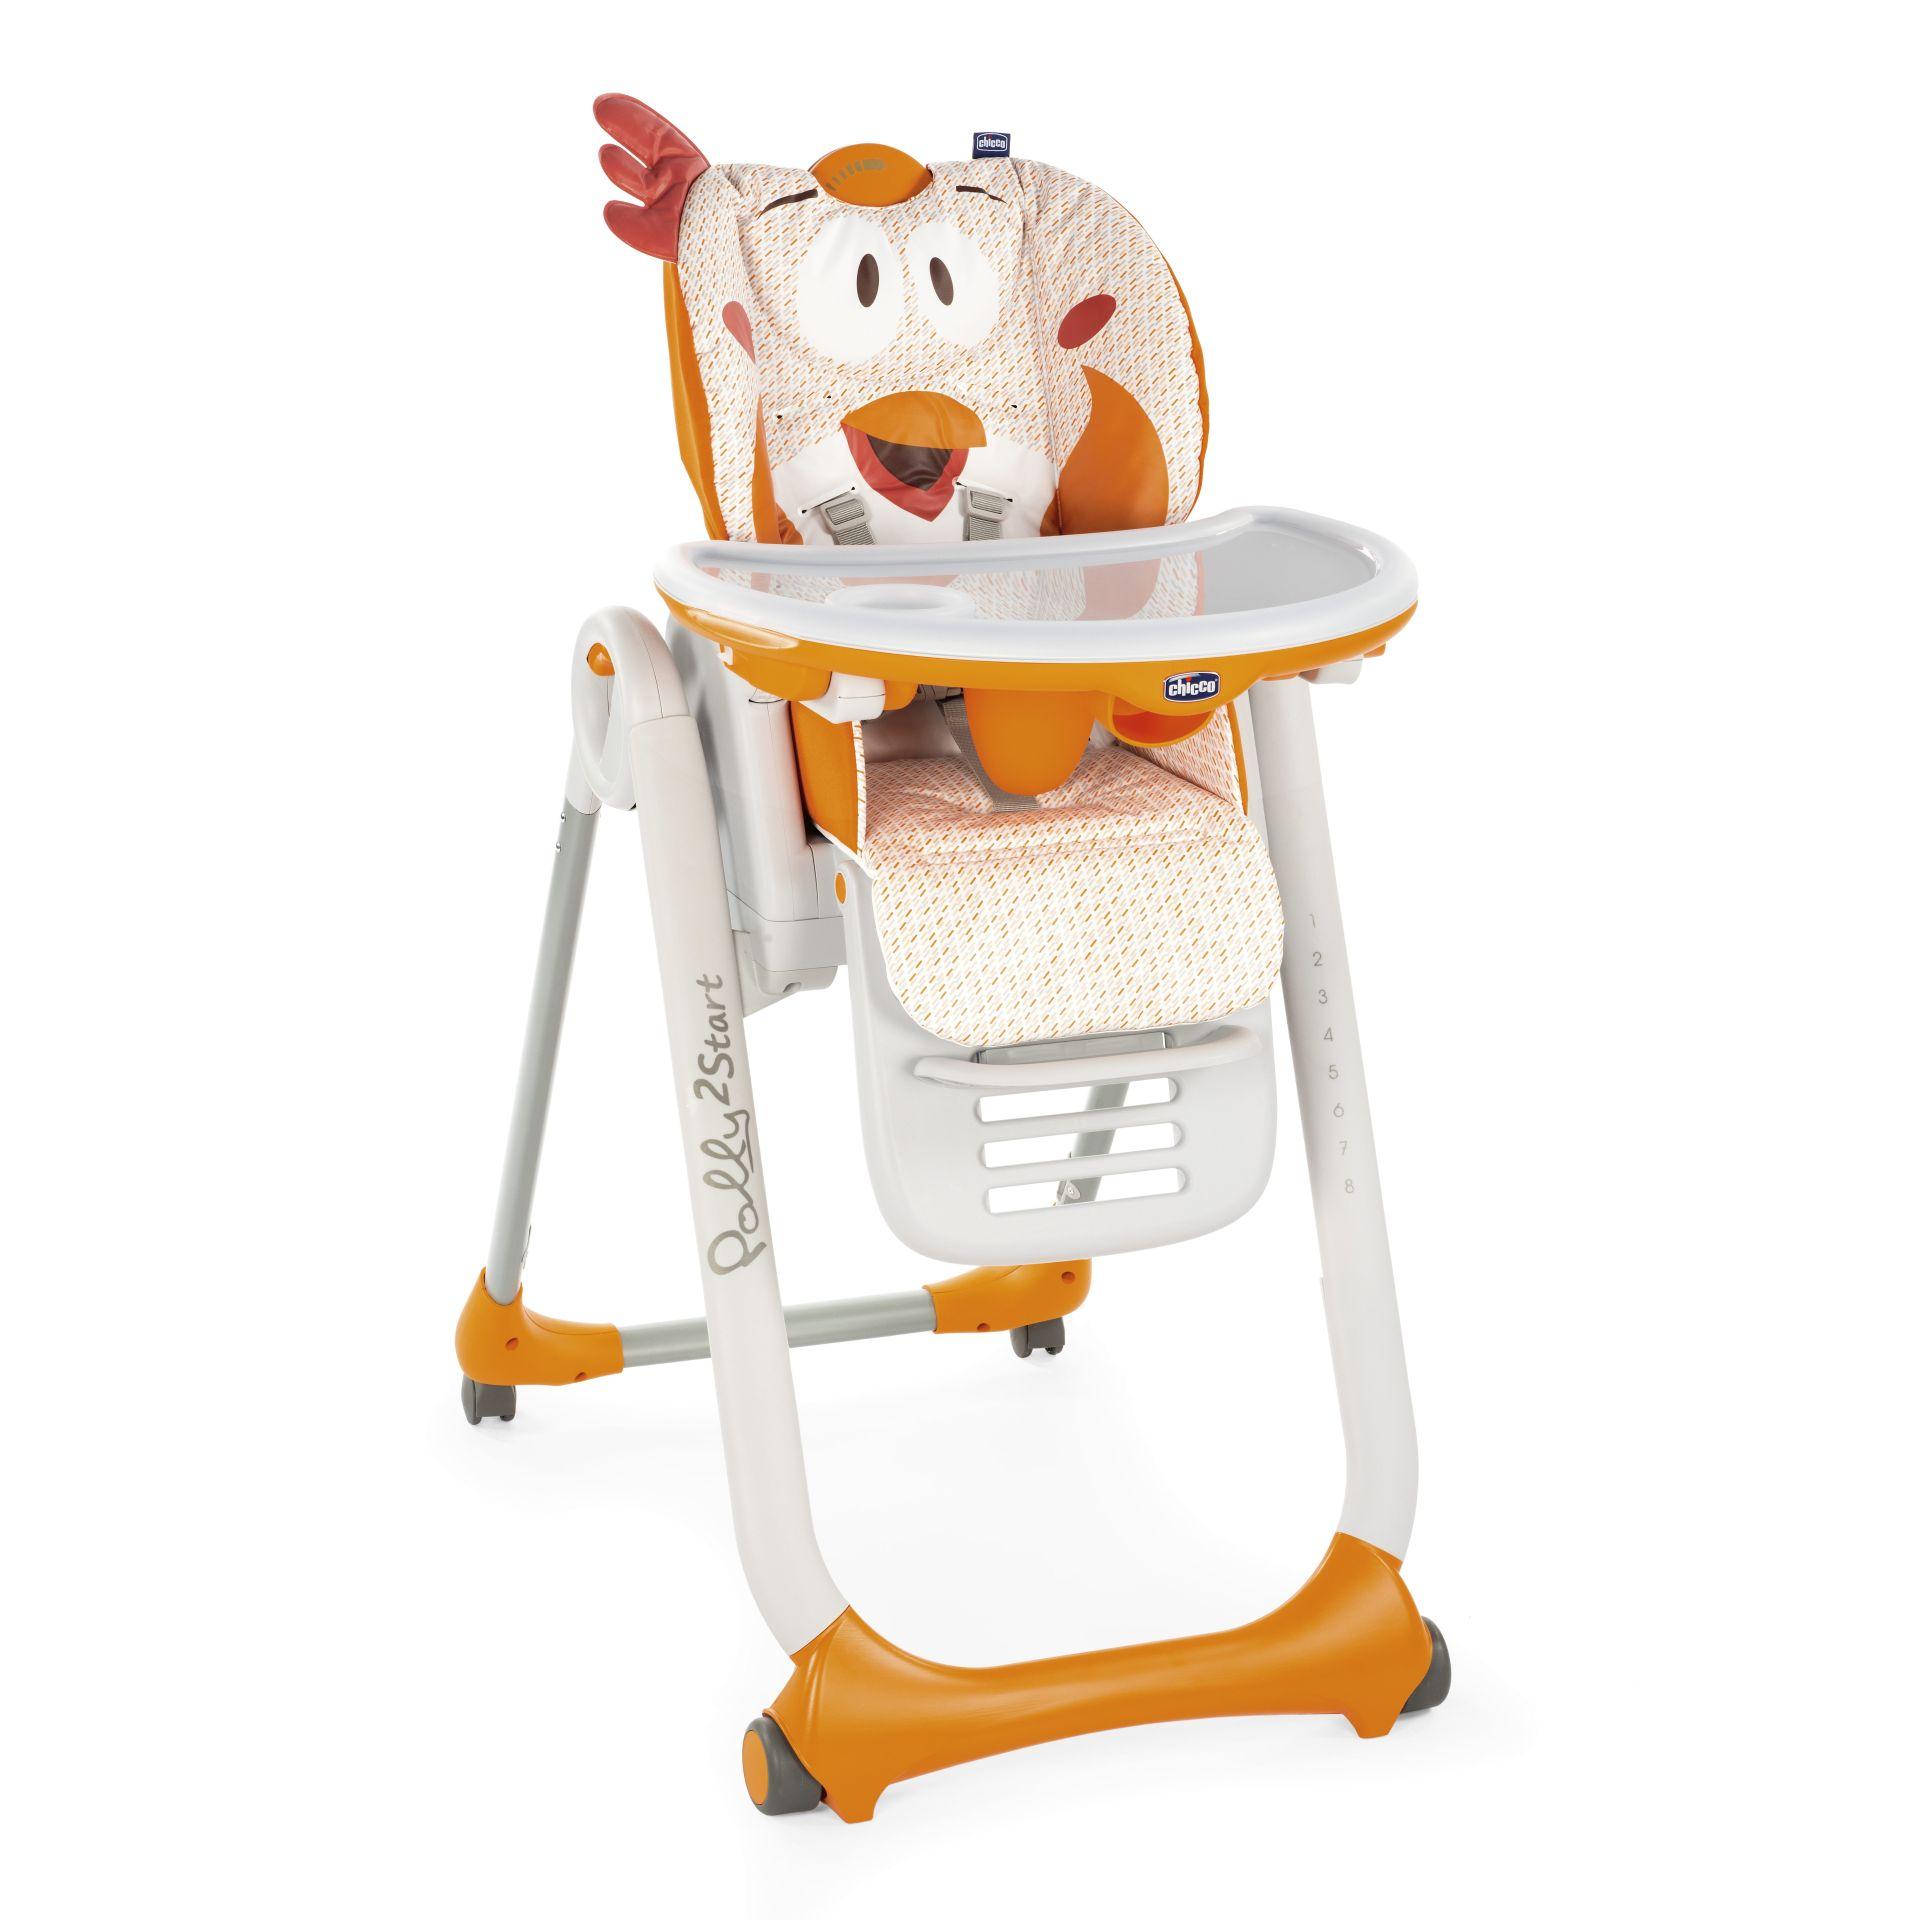 Chicco Polly 2 Start barošanas krēsls, Fancy Chicken